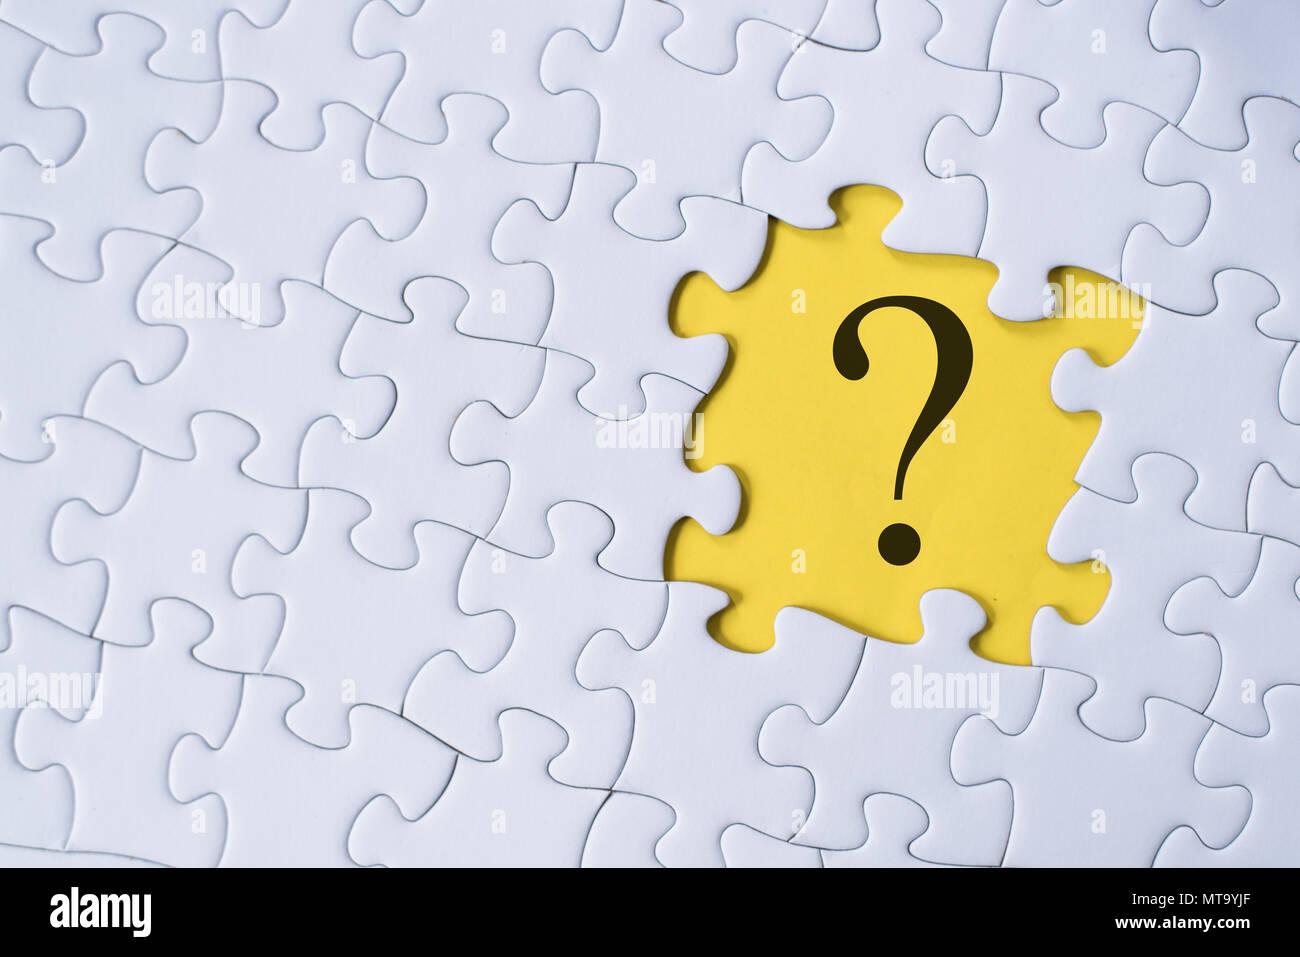 Point d'interrogation sur puzzle avec fond jaune. question, faq et q&a concept Photo Stock